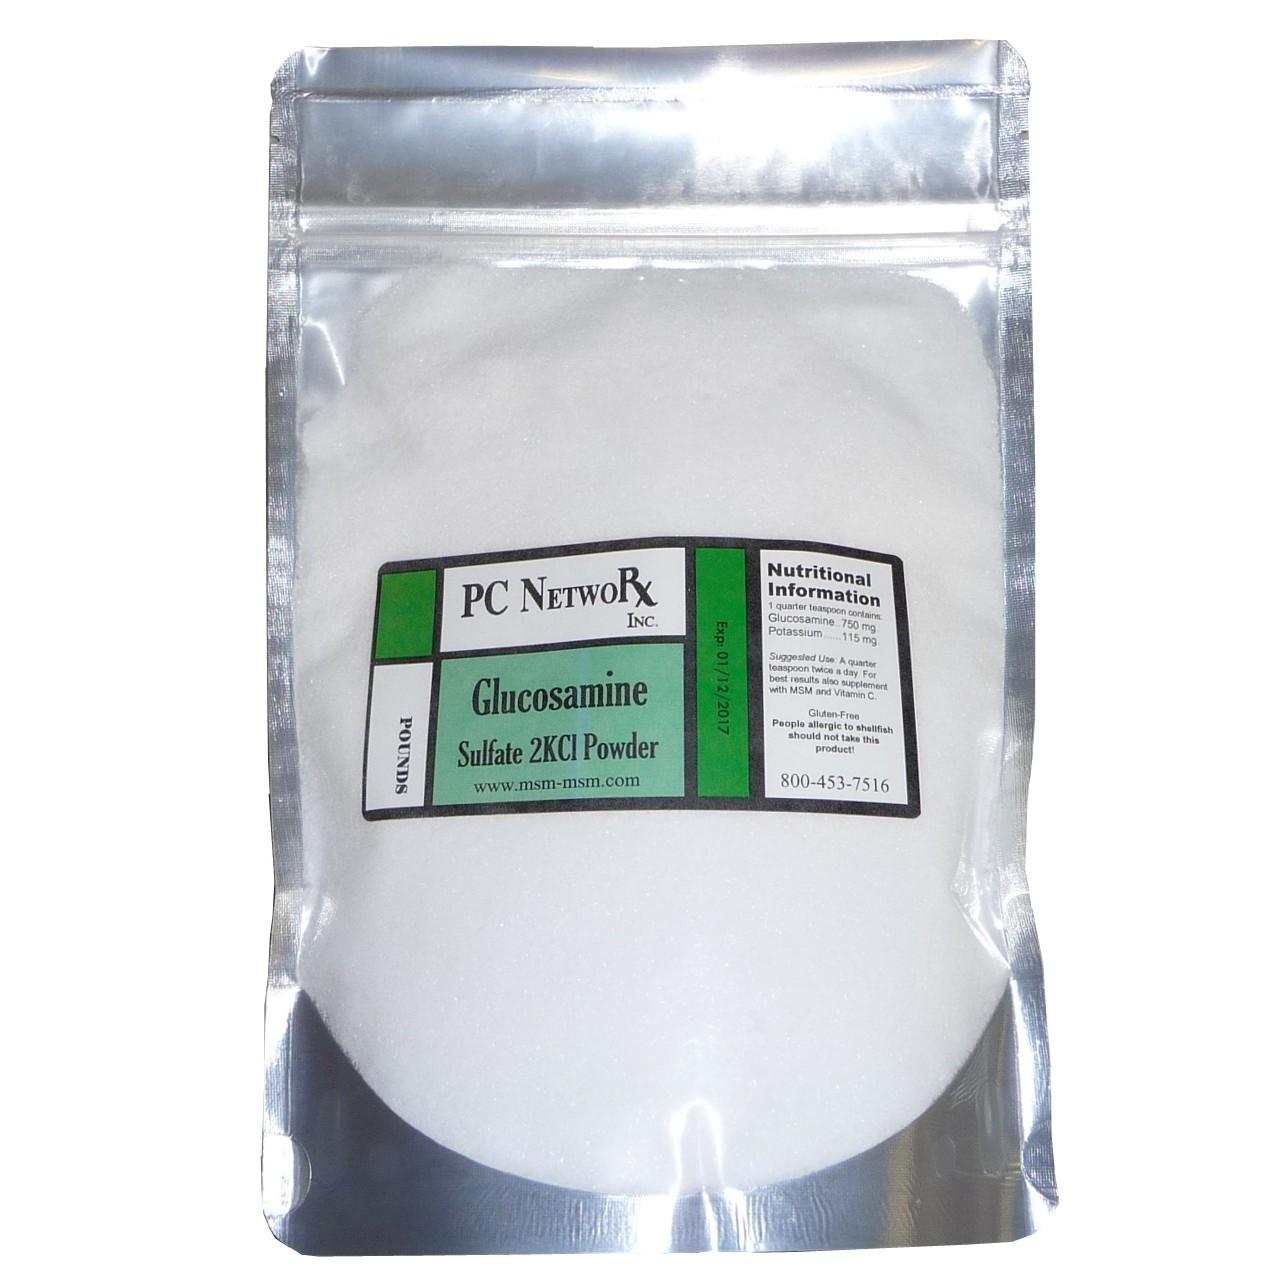 1 lb Glucosamine Sulfate Powder